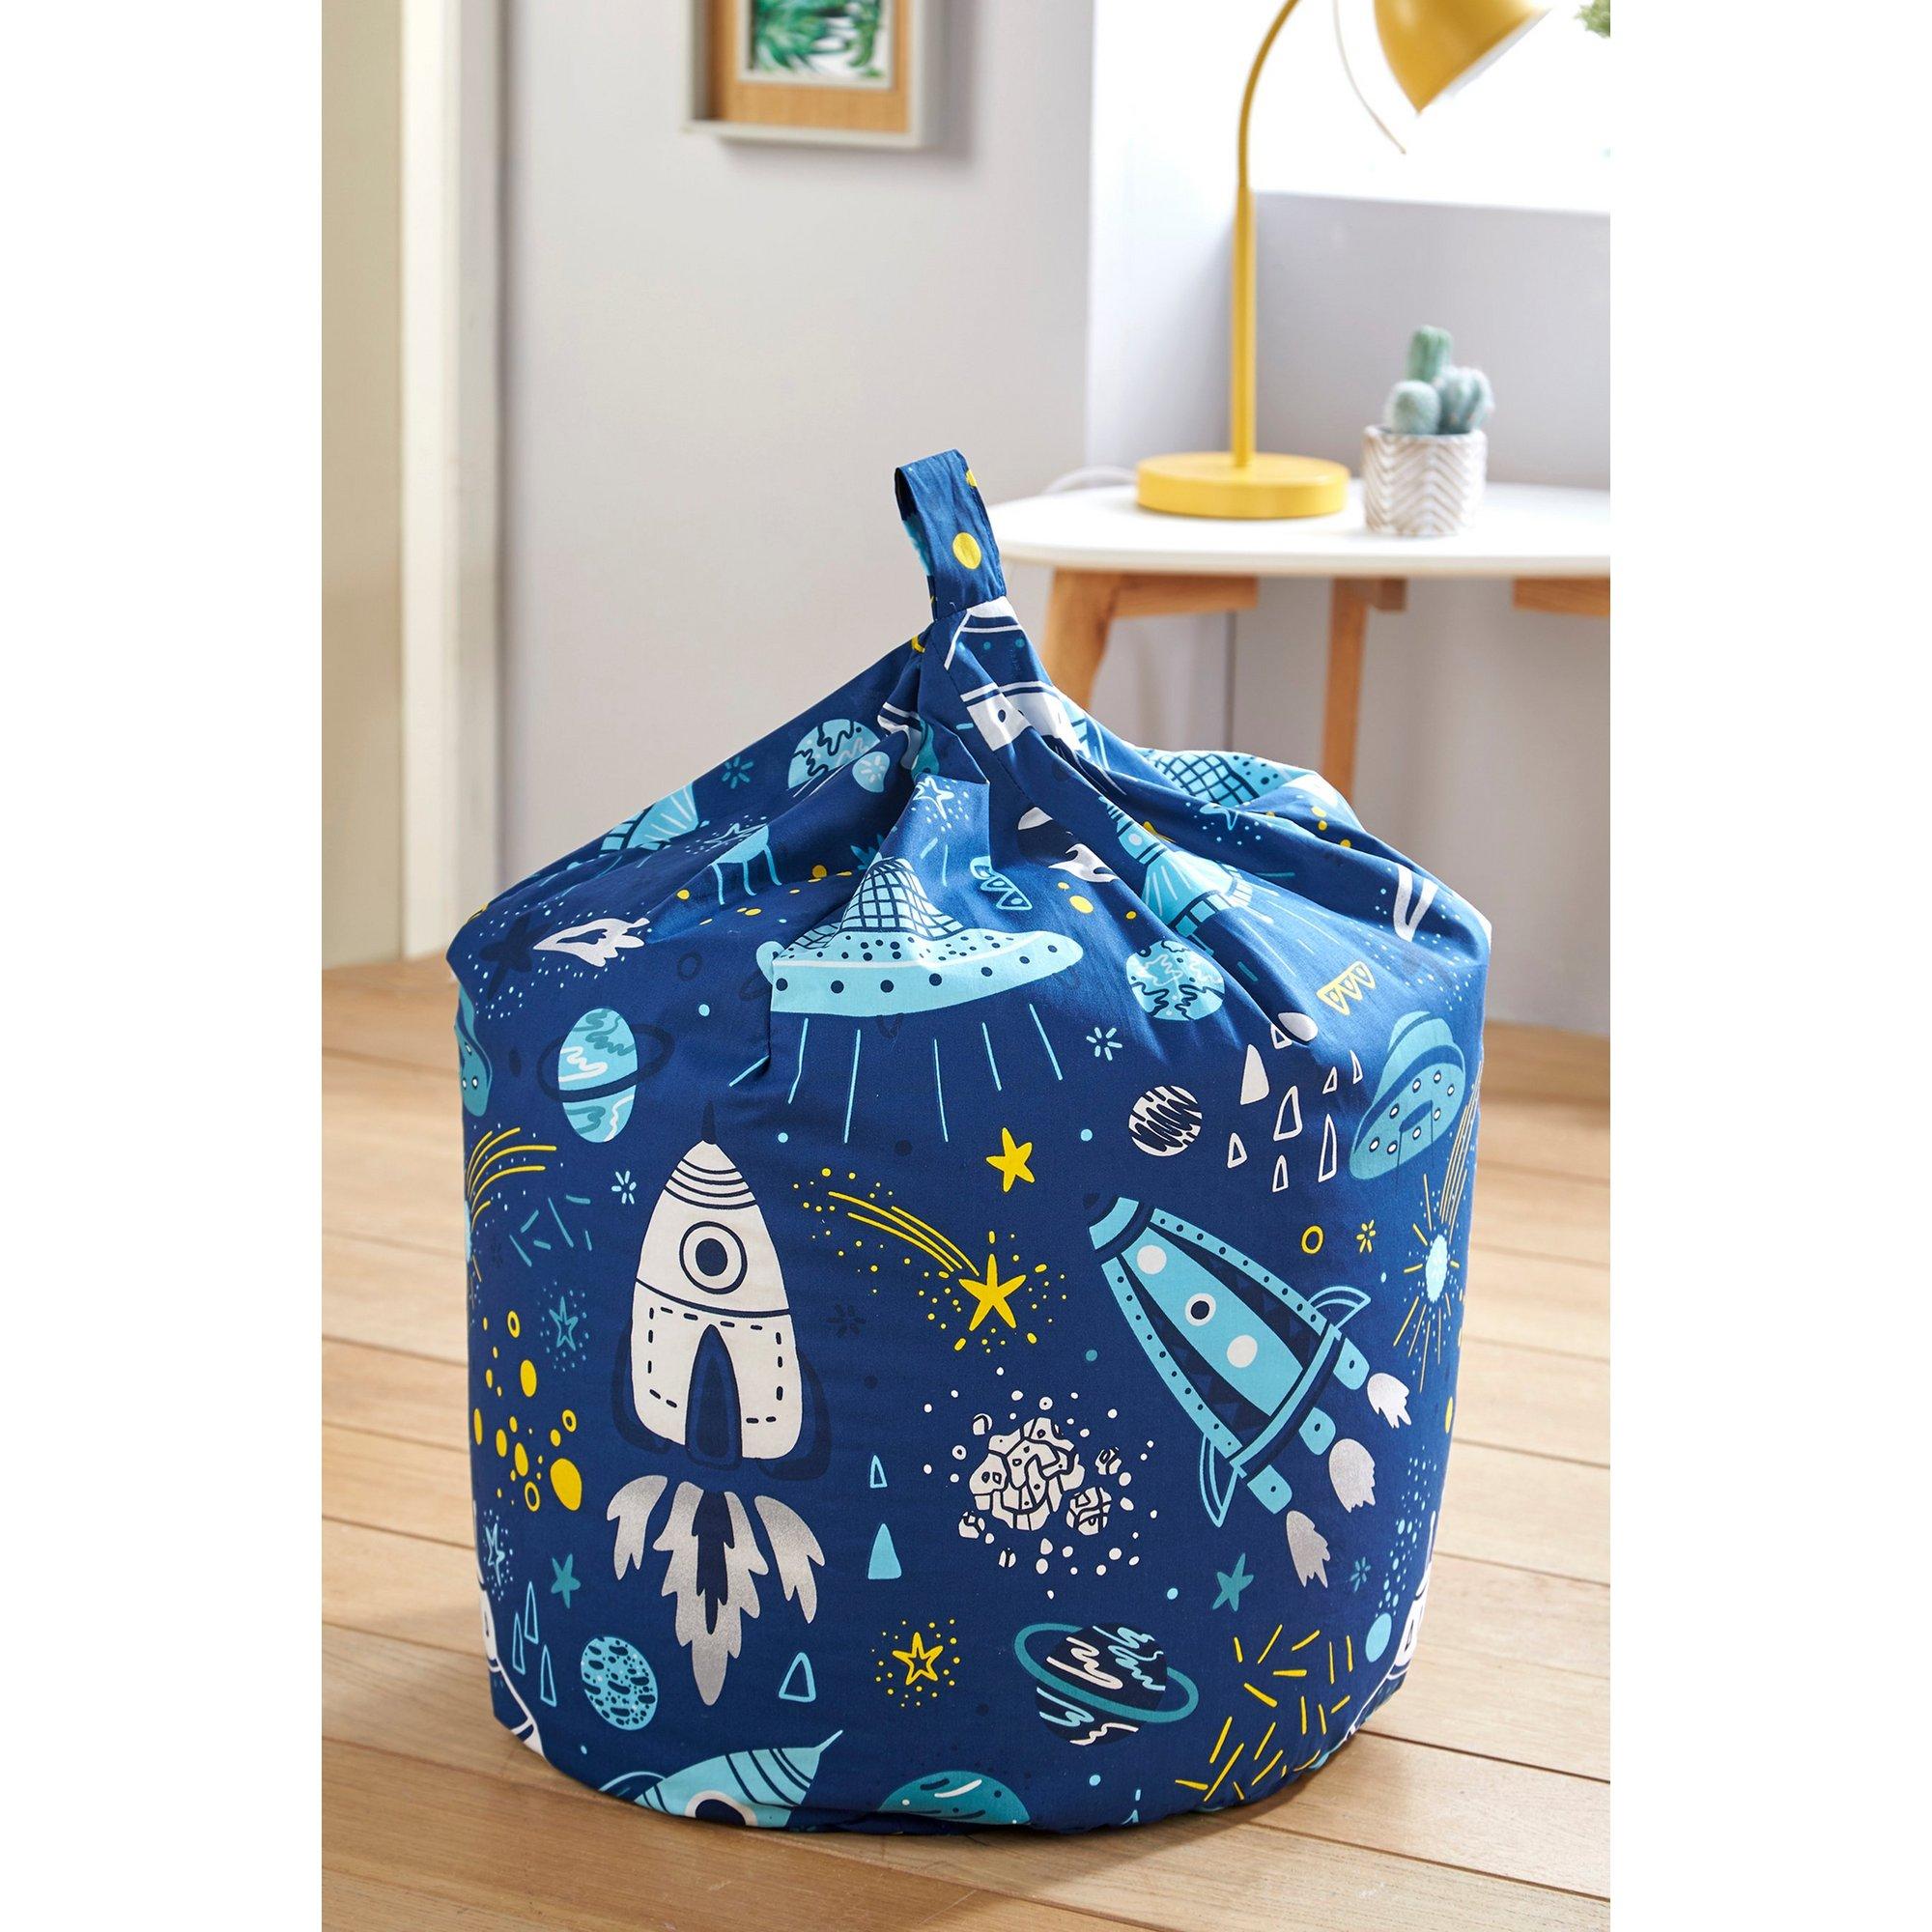 Image of Kids Spaceship Bean Bag